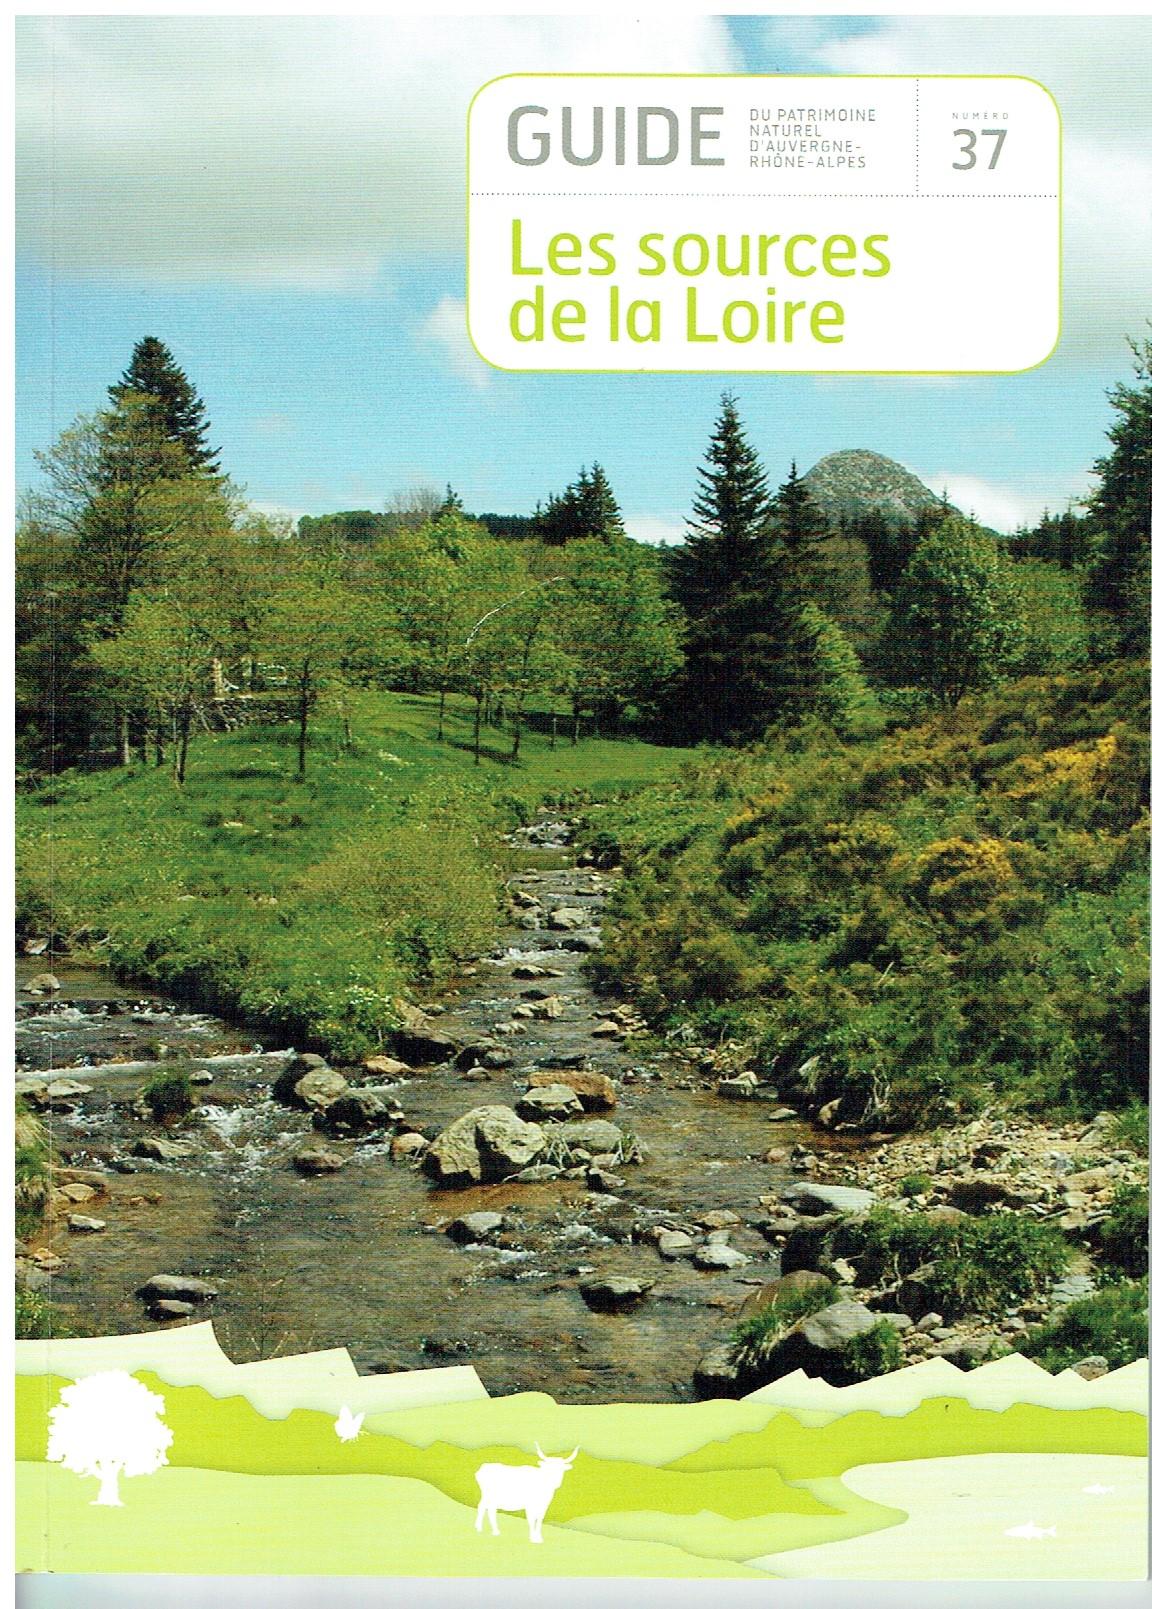 Le guide du patrimoine naturel Les Sources de la Loire N°37